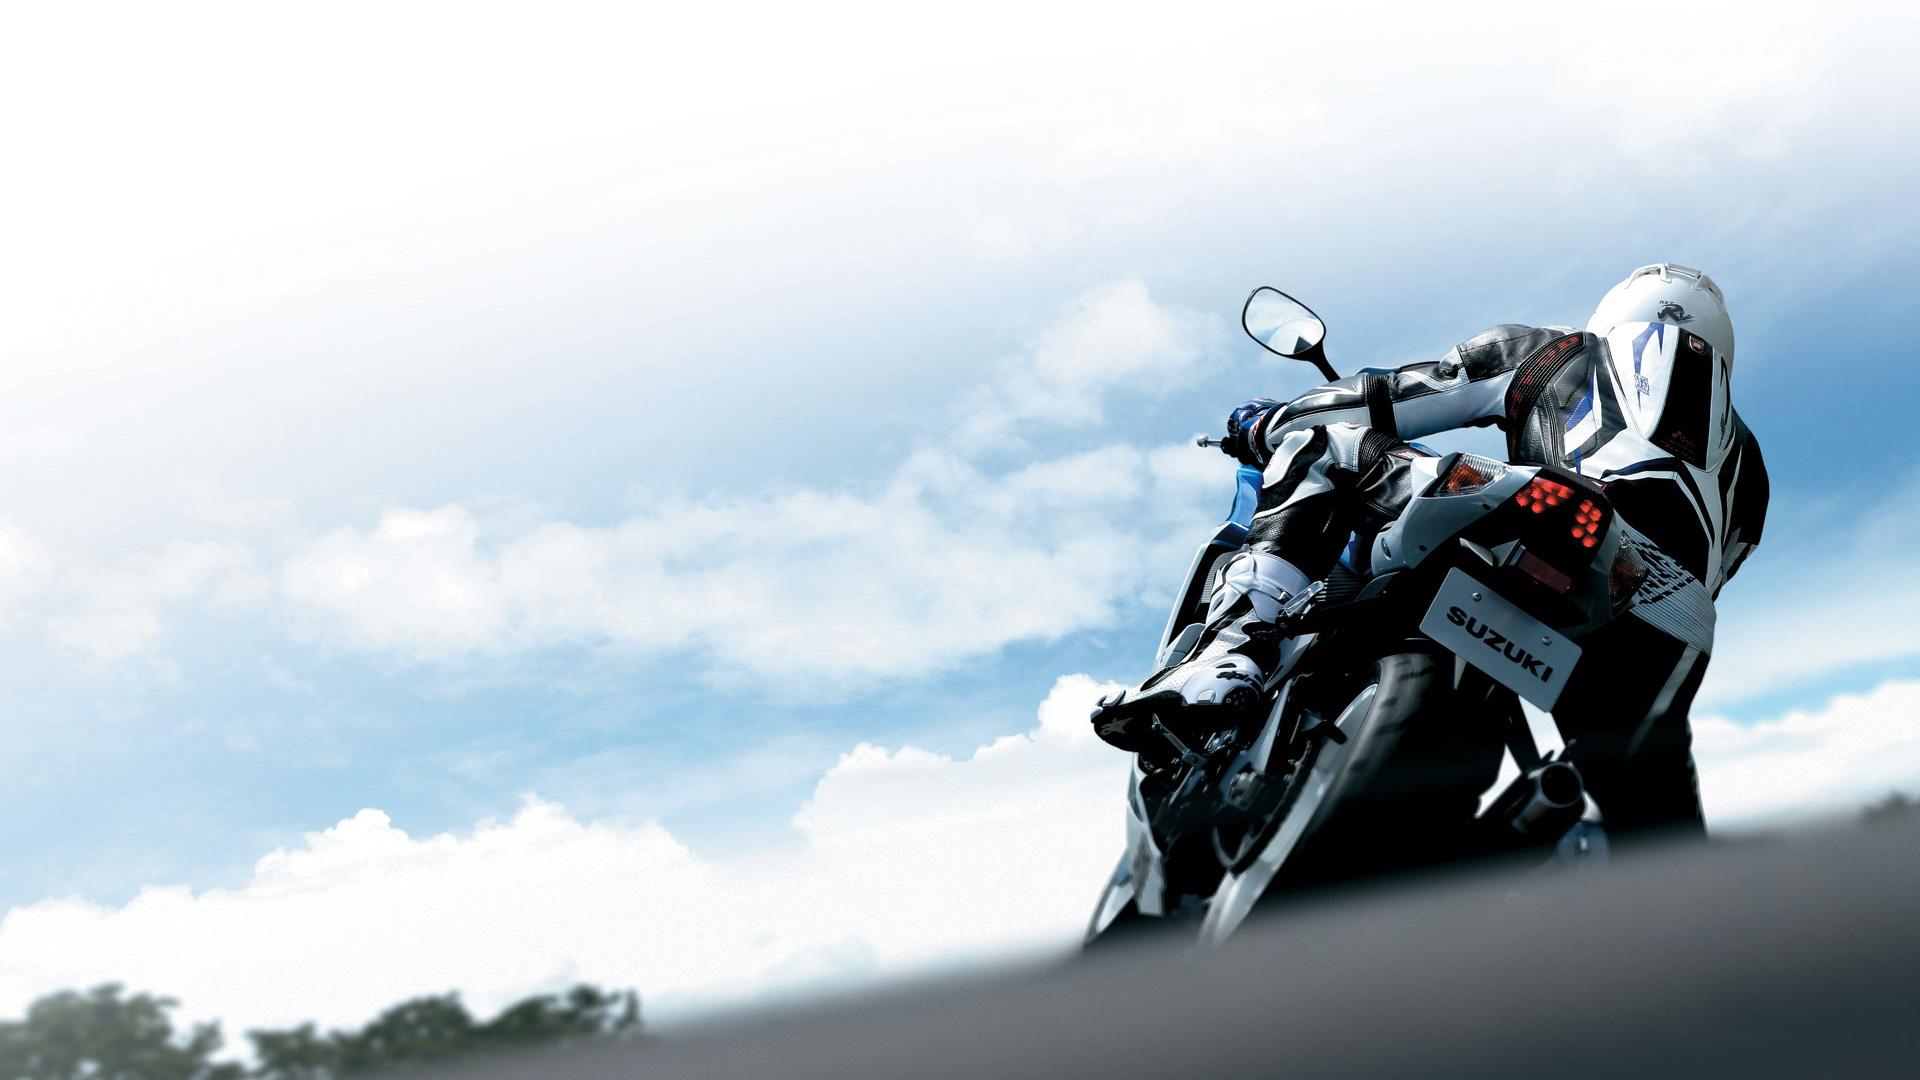 Suzuki GSX R 750 HD Wallpapers wallpapers at HDBikeWallpaperscom 1920x1080